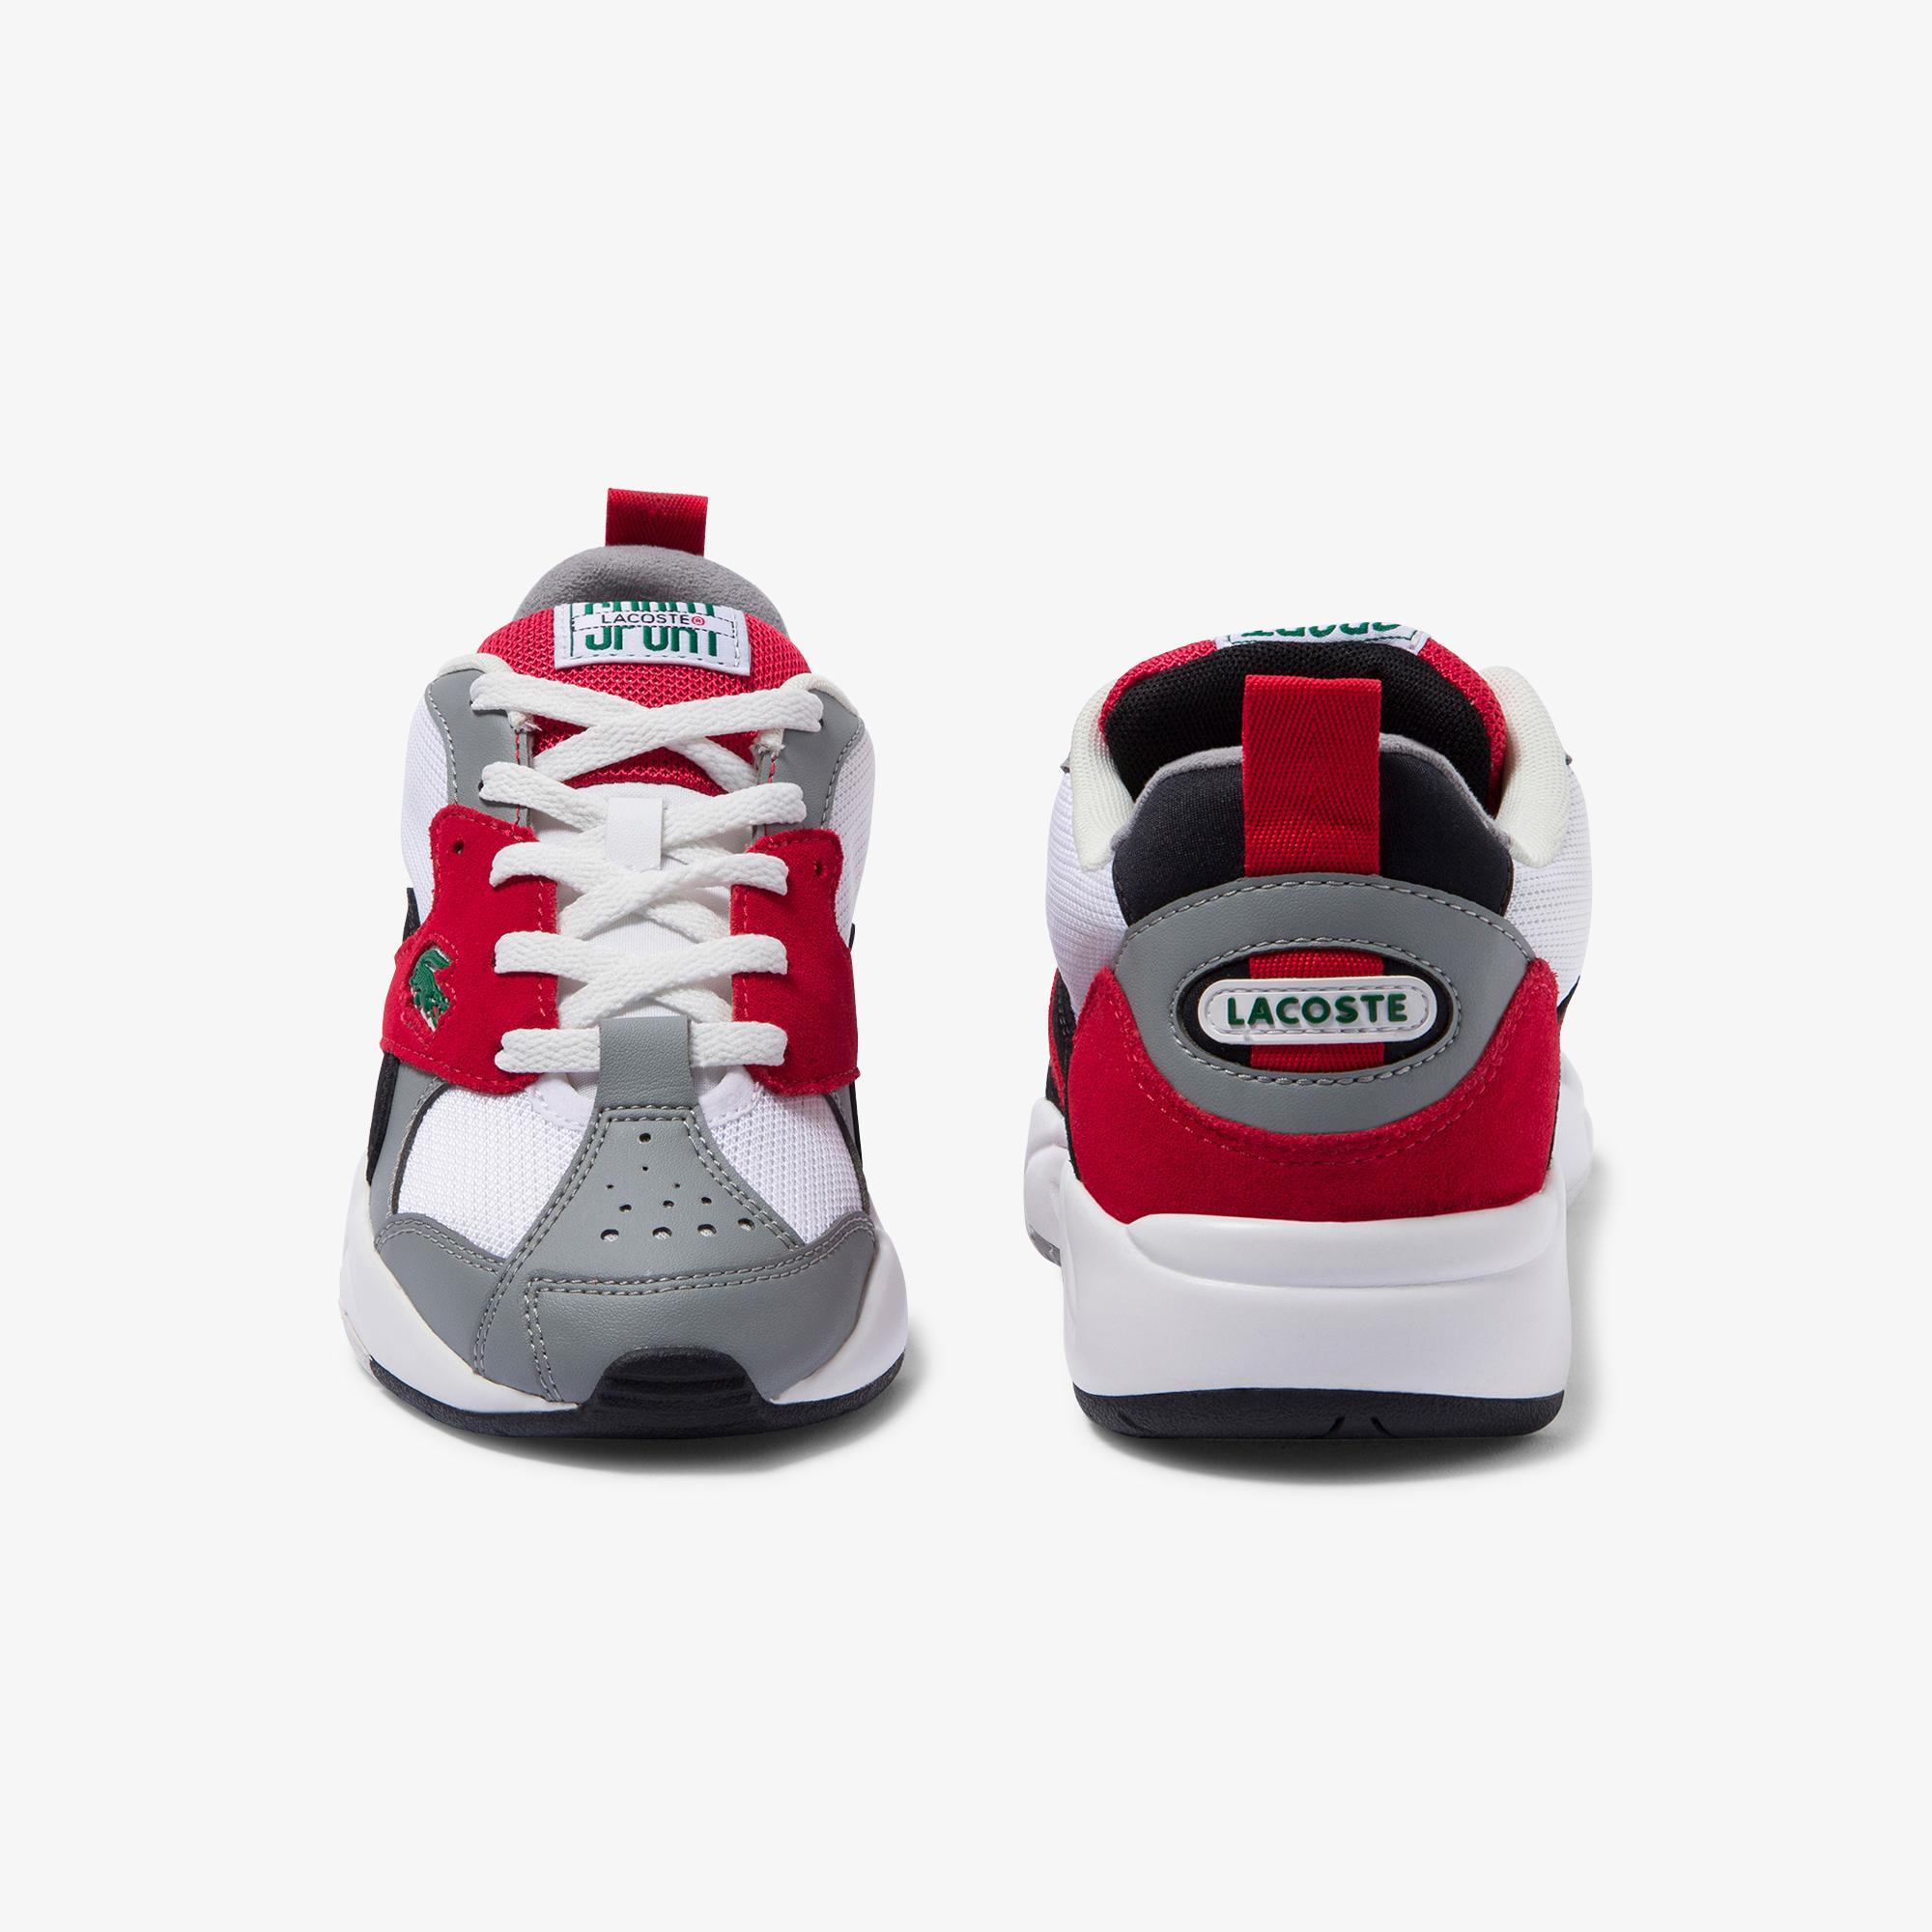 Lacoste Storm 96 120 4 Us Sfa Kadın Gri - Kırmızı Sneaker